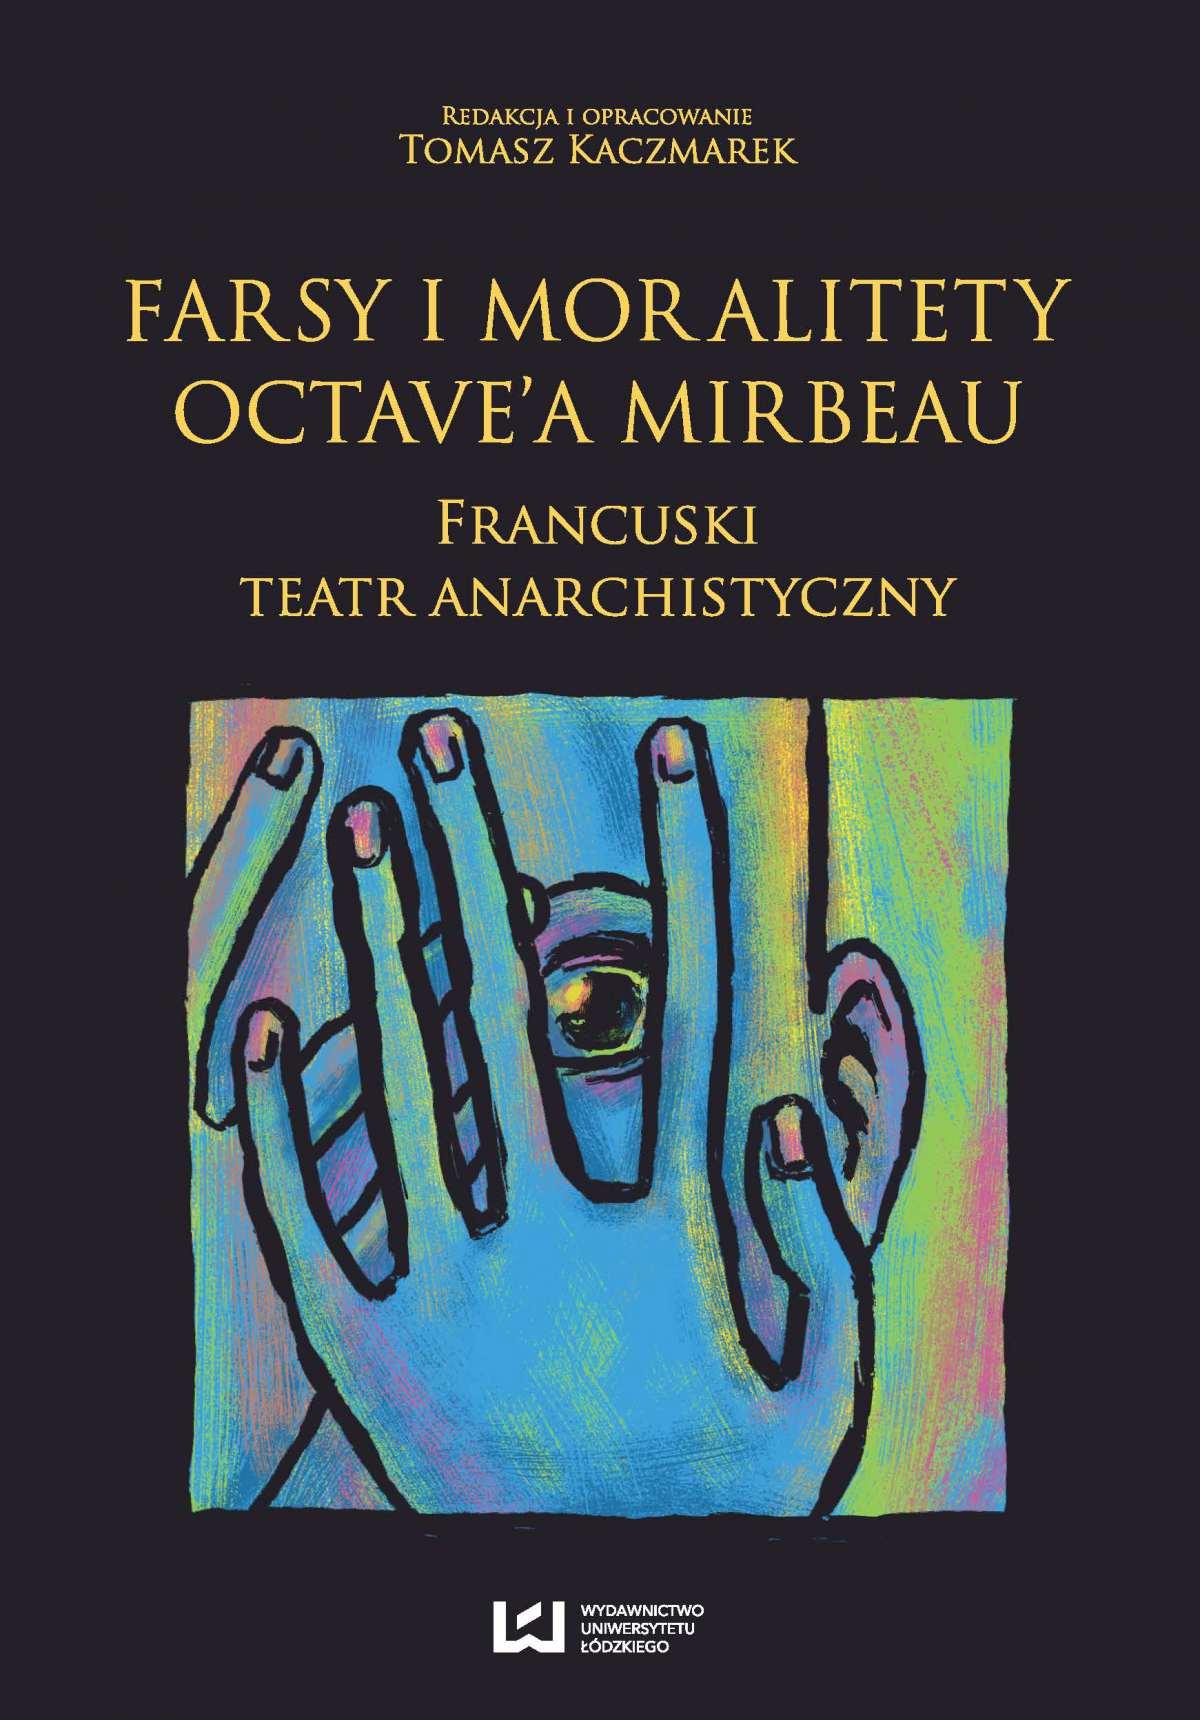 Farsy i moralitety Octave'a Mirbeau. Francuski teatr anarchistyczny - Ebook (Książka PDF) do pobrania w formacie PDF